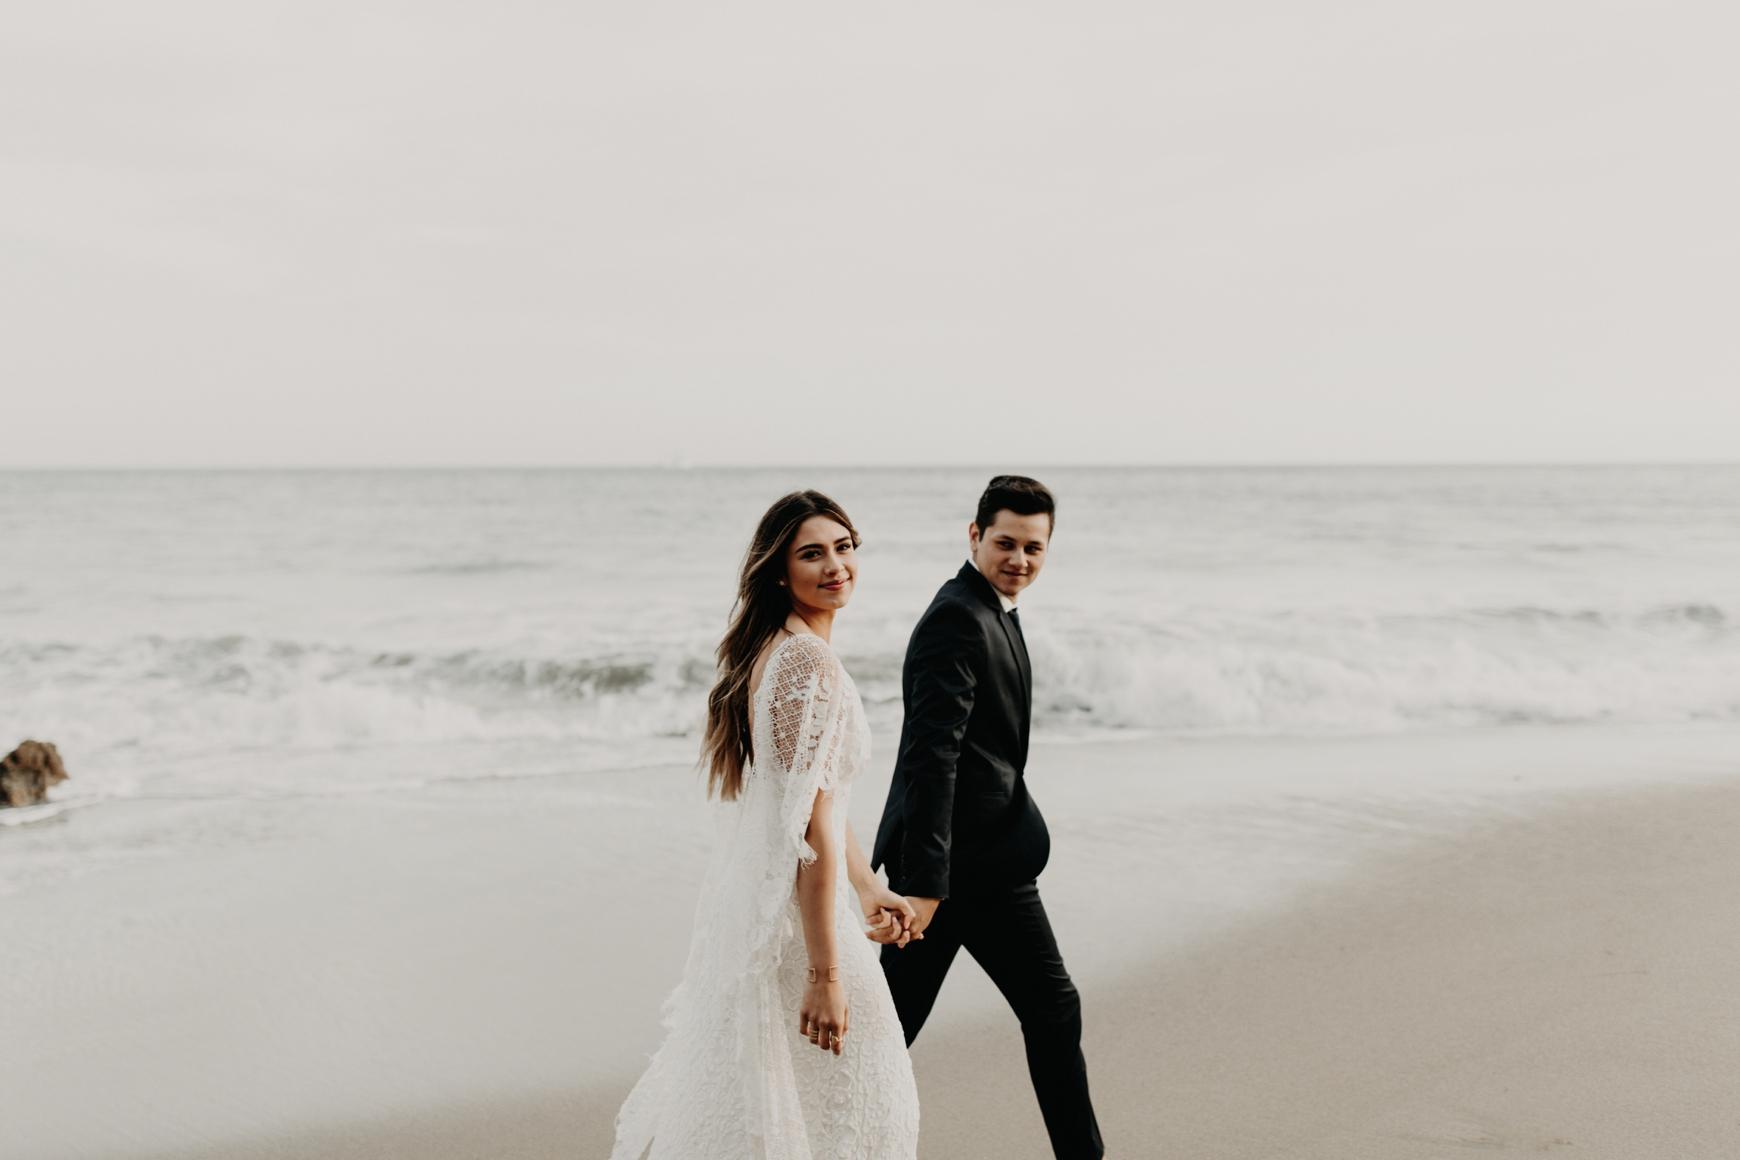 El Matador Beach Bridal Portraits Justellen & TJ Emily Magers Photography-248Emily Magers Photography.jpg